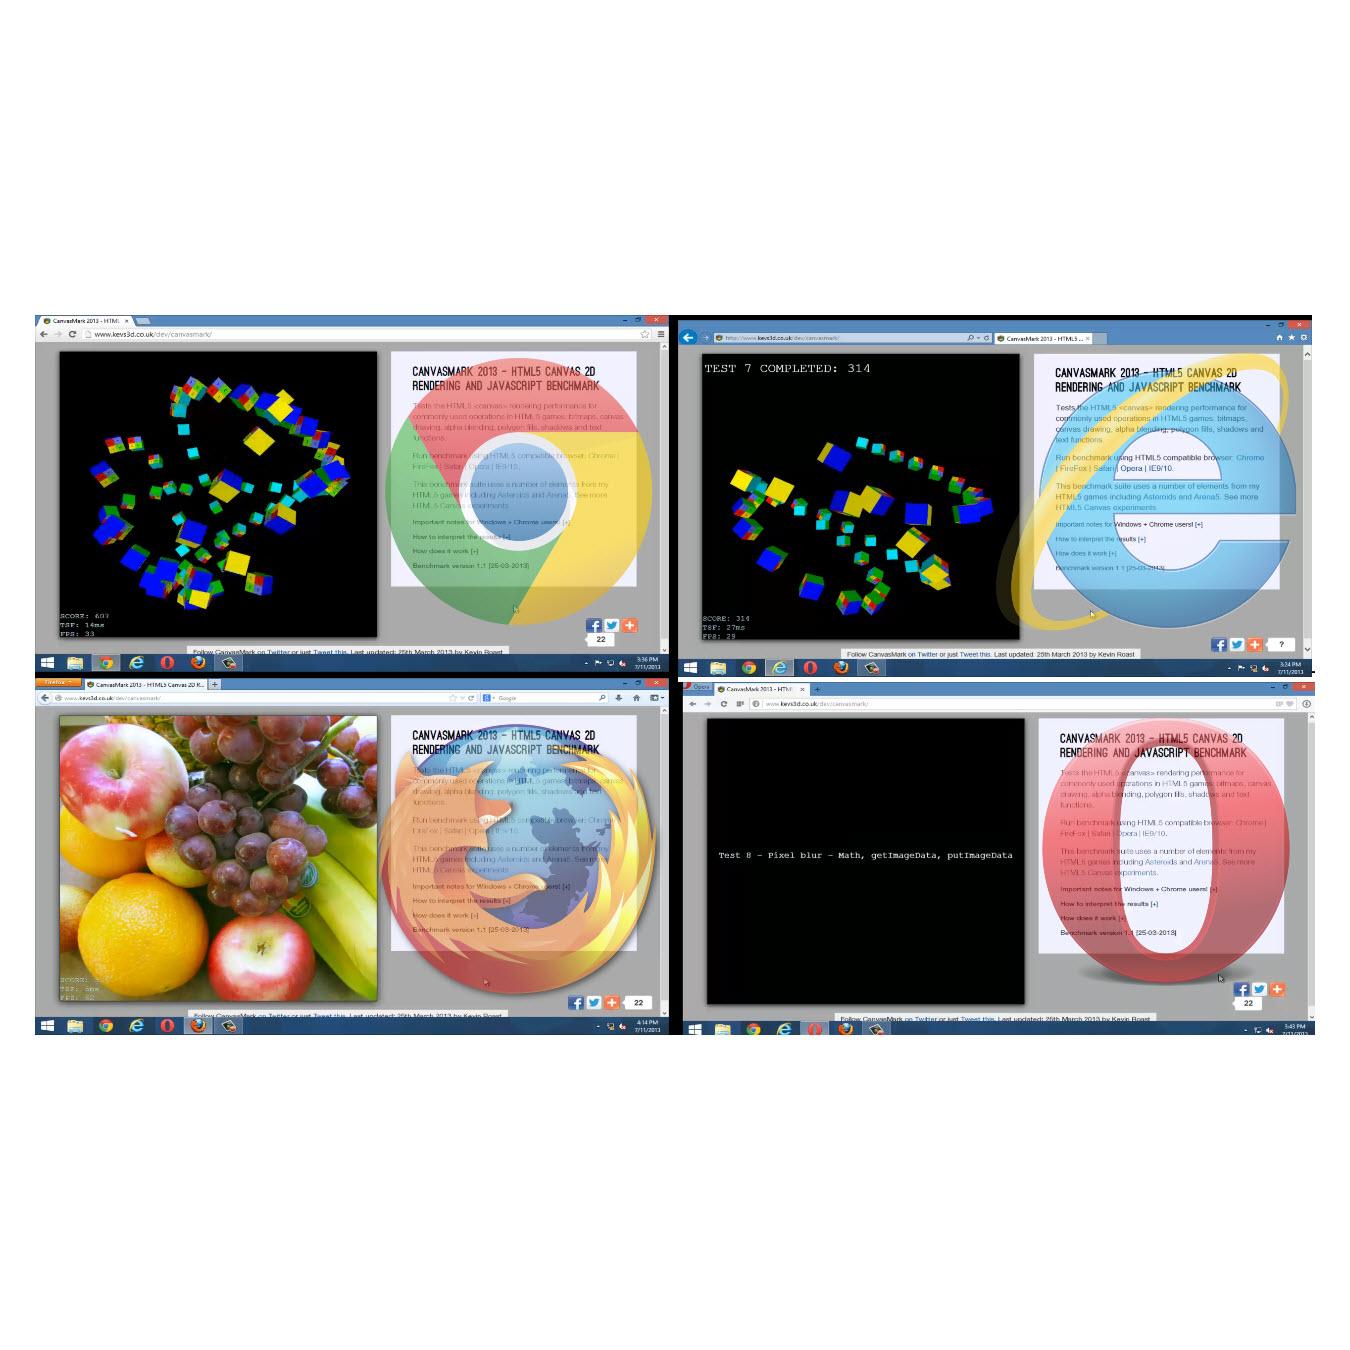 Welcher Browser ist schneller? IE 11, Firefox 22, Chrome 28 und Opera 15 im Benchmark-Vergleich